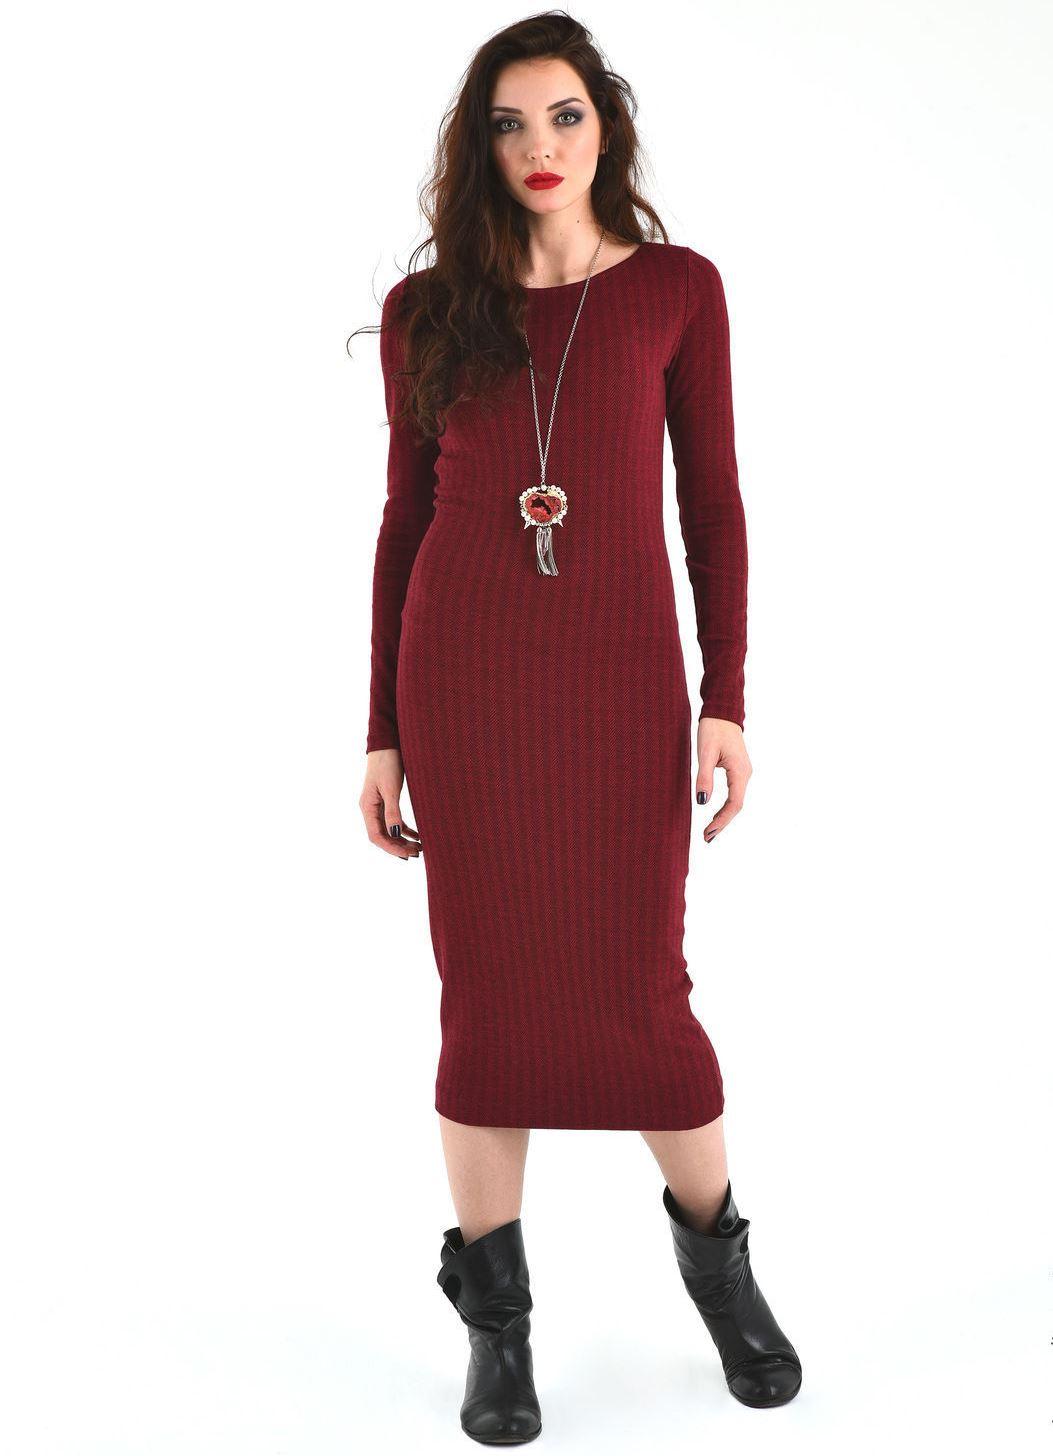 Платье с сапогами обзор самых модных сочетаний этого сезона